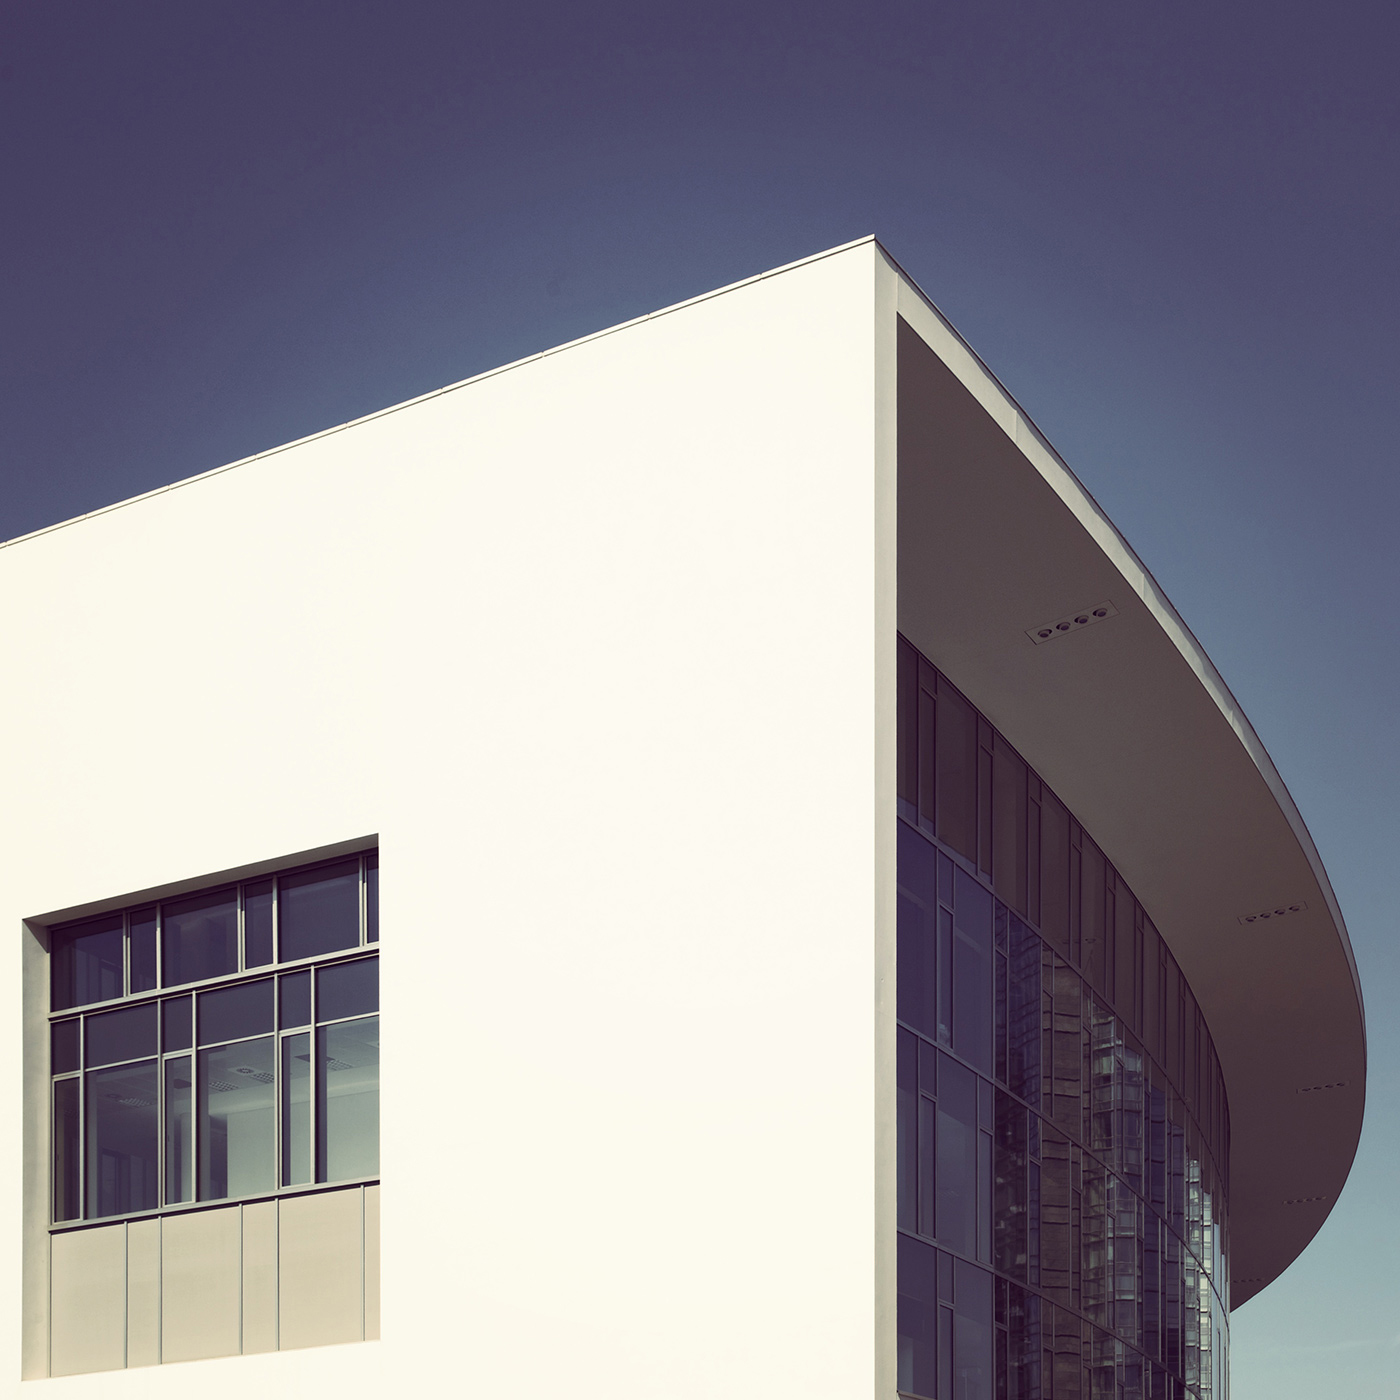 Office Building Porta Nuova <br />Location: Milano, Italy <br />Architect: Piuarch